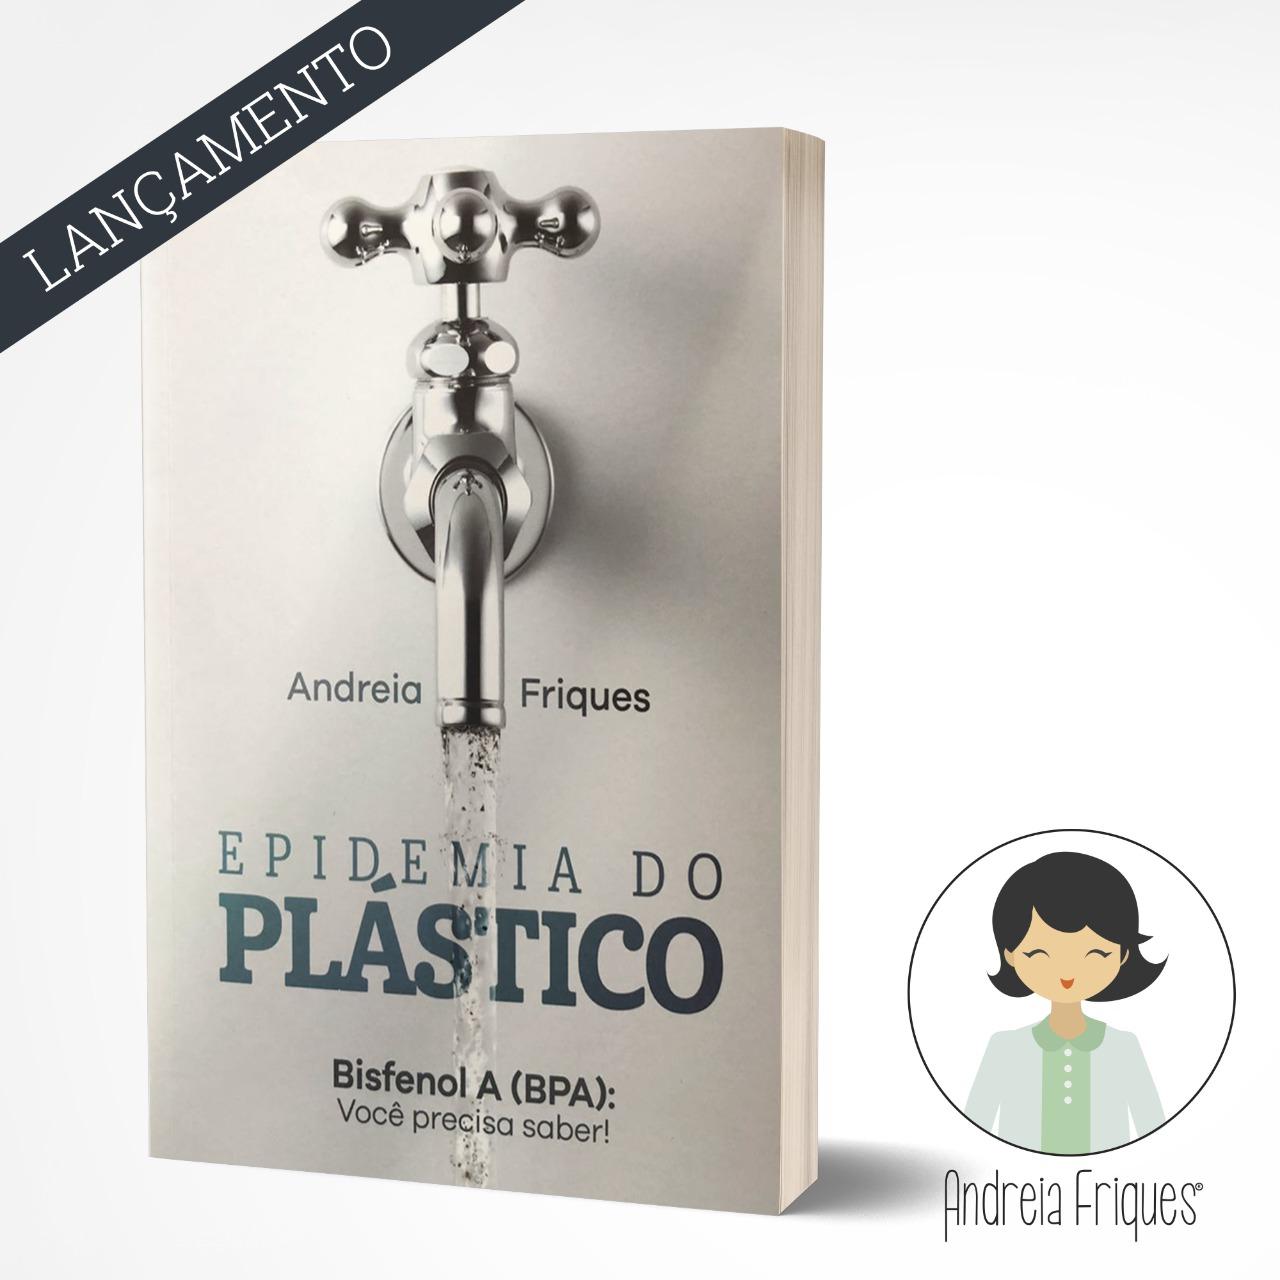 epidemia-do-plastico